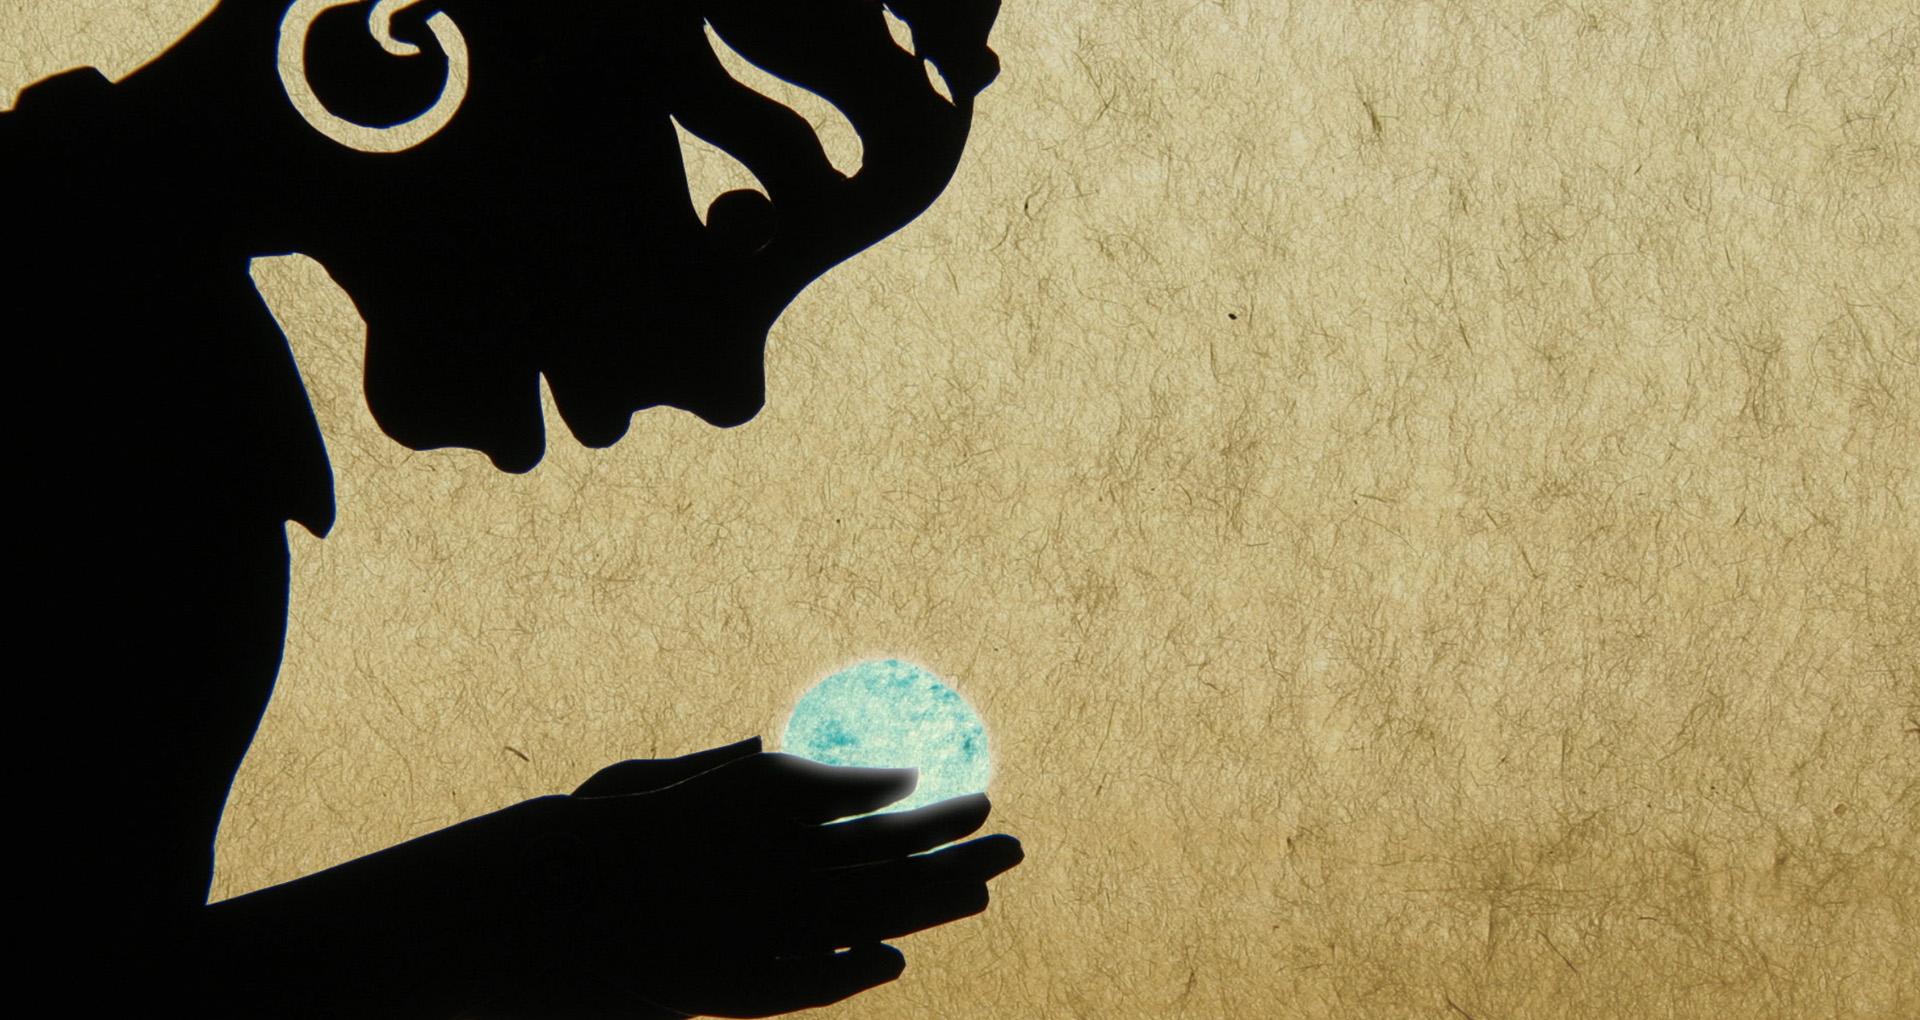 dessin, une petite fille noire tient une bille bleue dans les mains